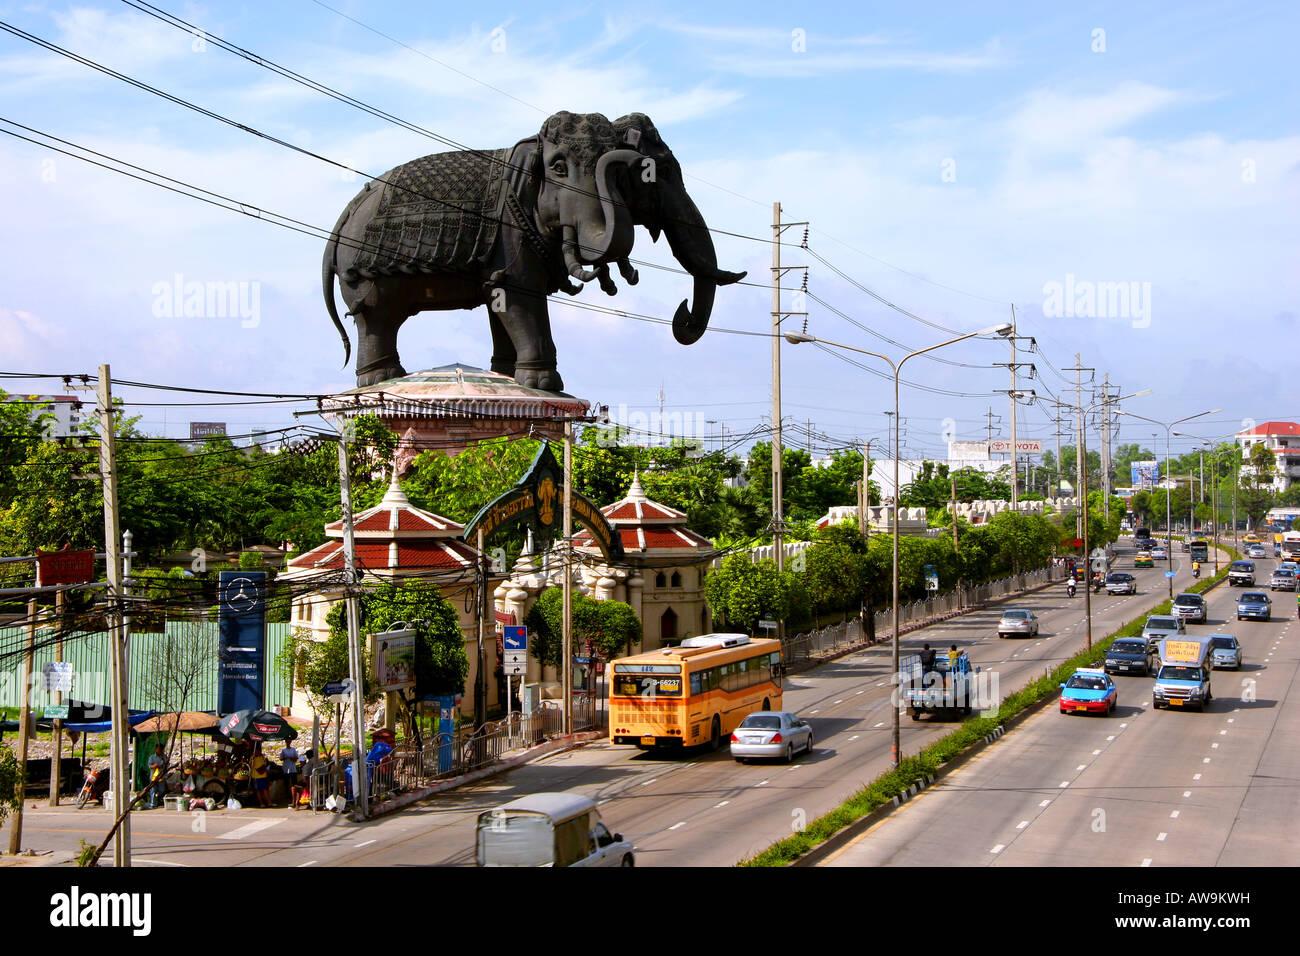 Three Headed Elephant Statue